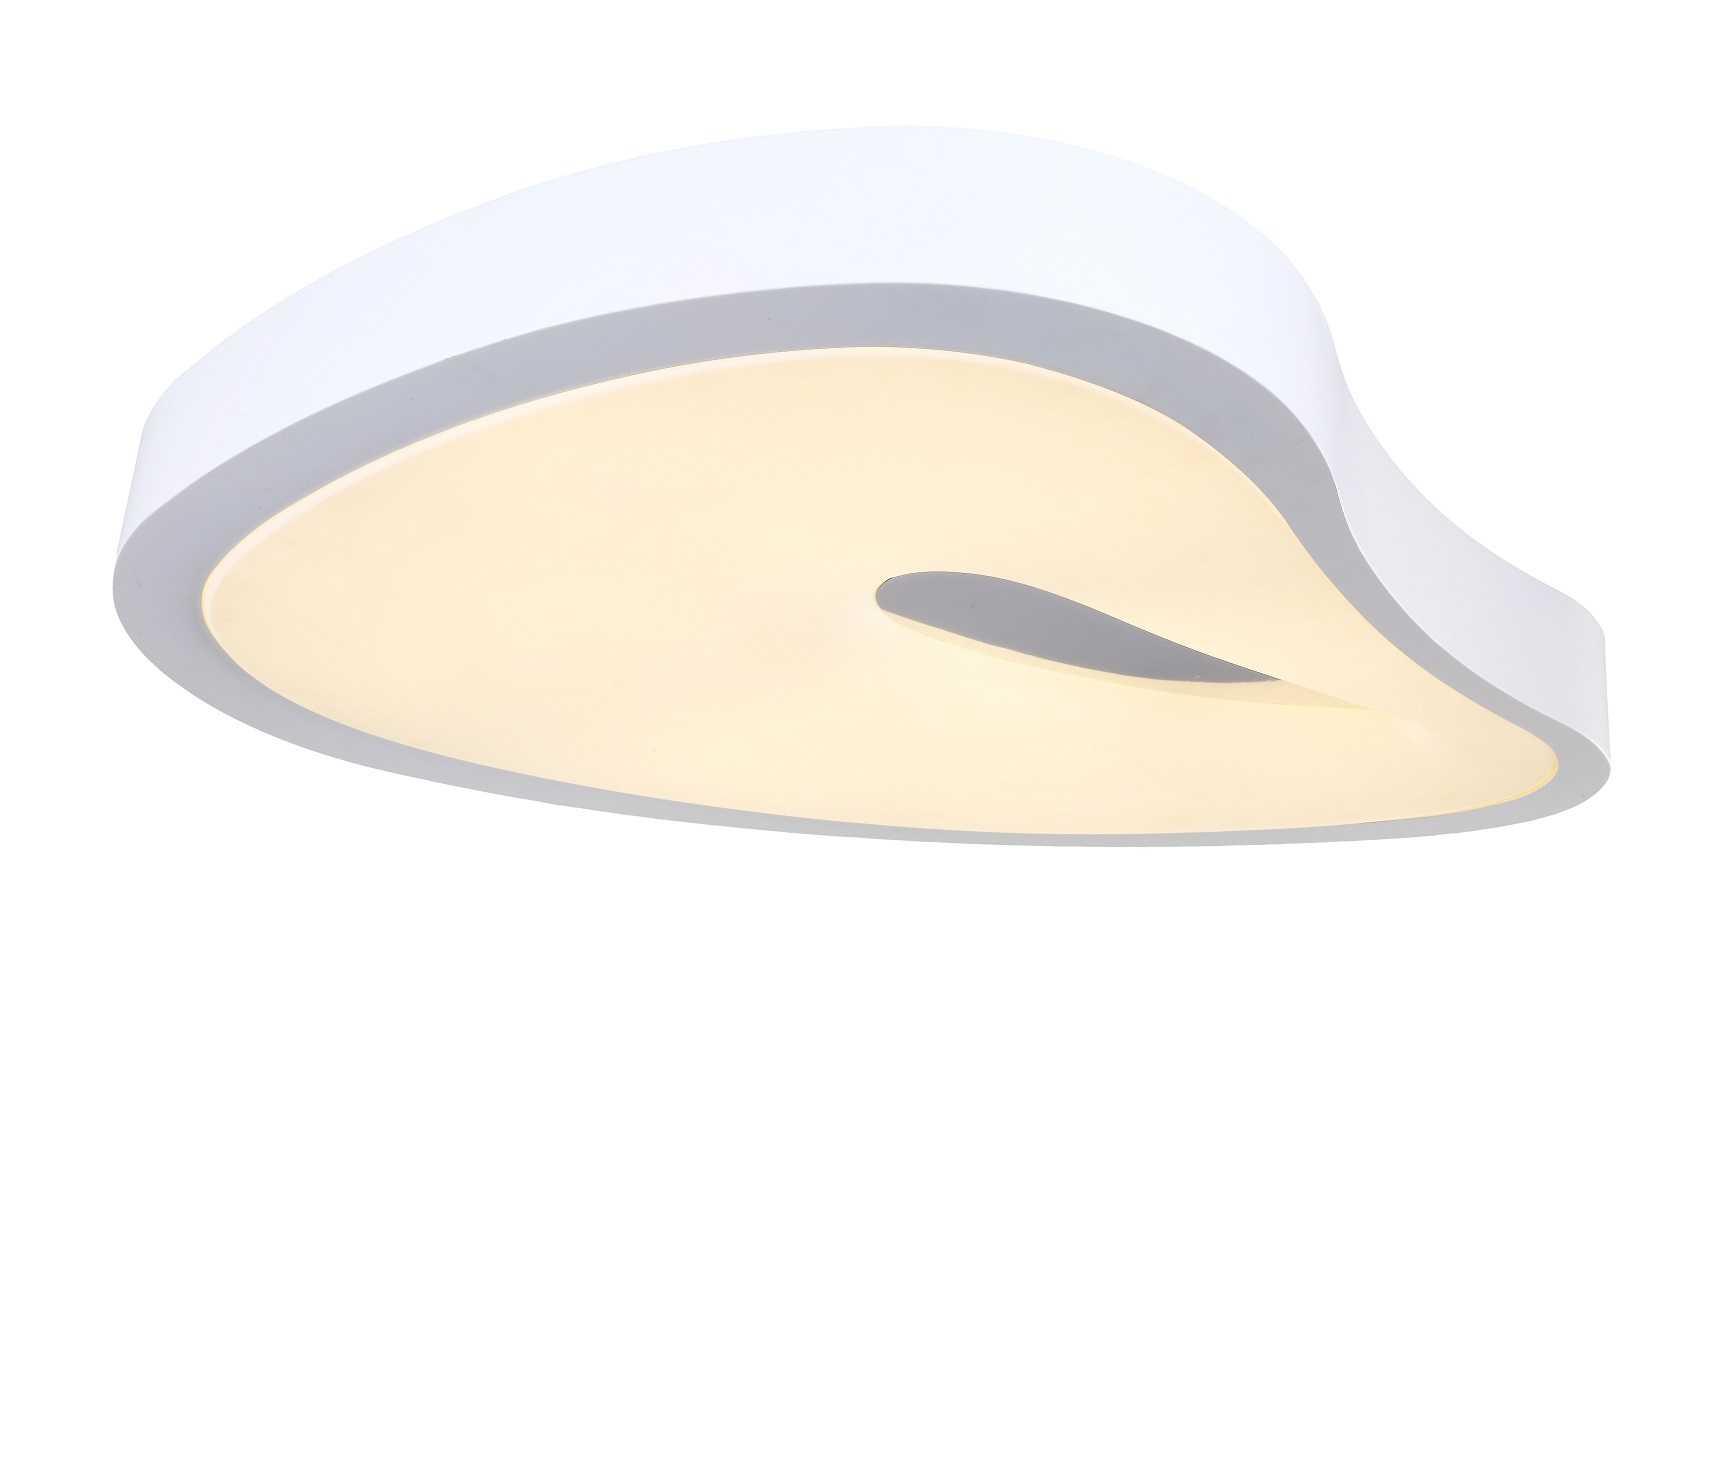 מעולה  מנורה צמודת תקרה דגם אמורפי - ברק תאורה WX-47